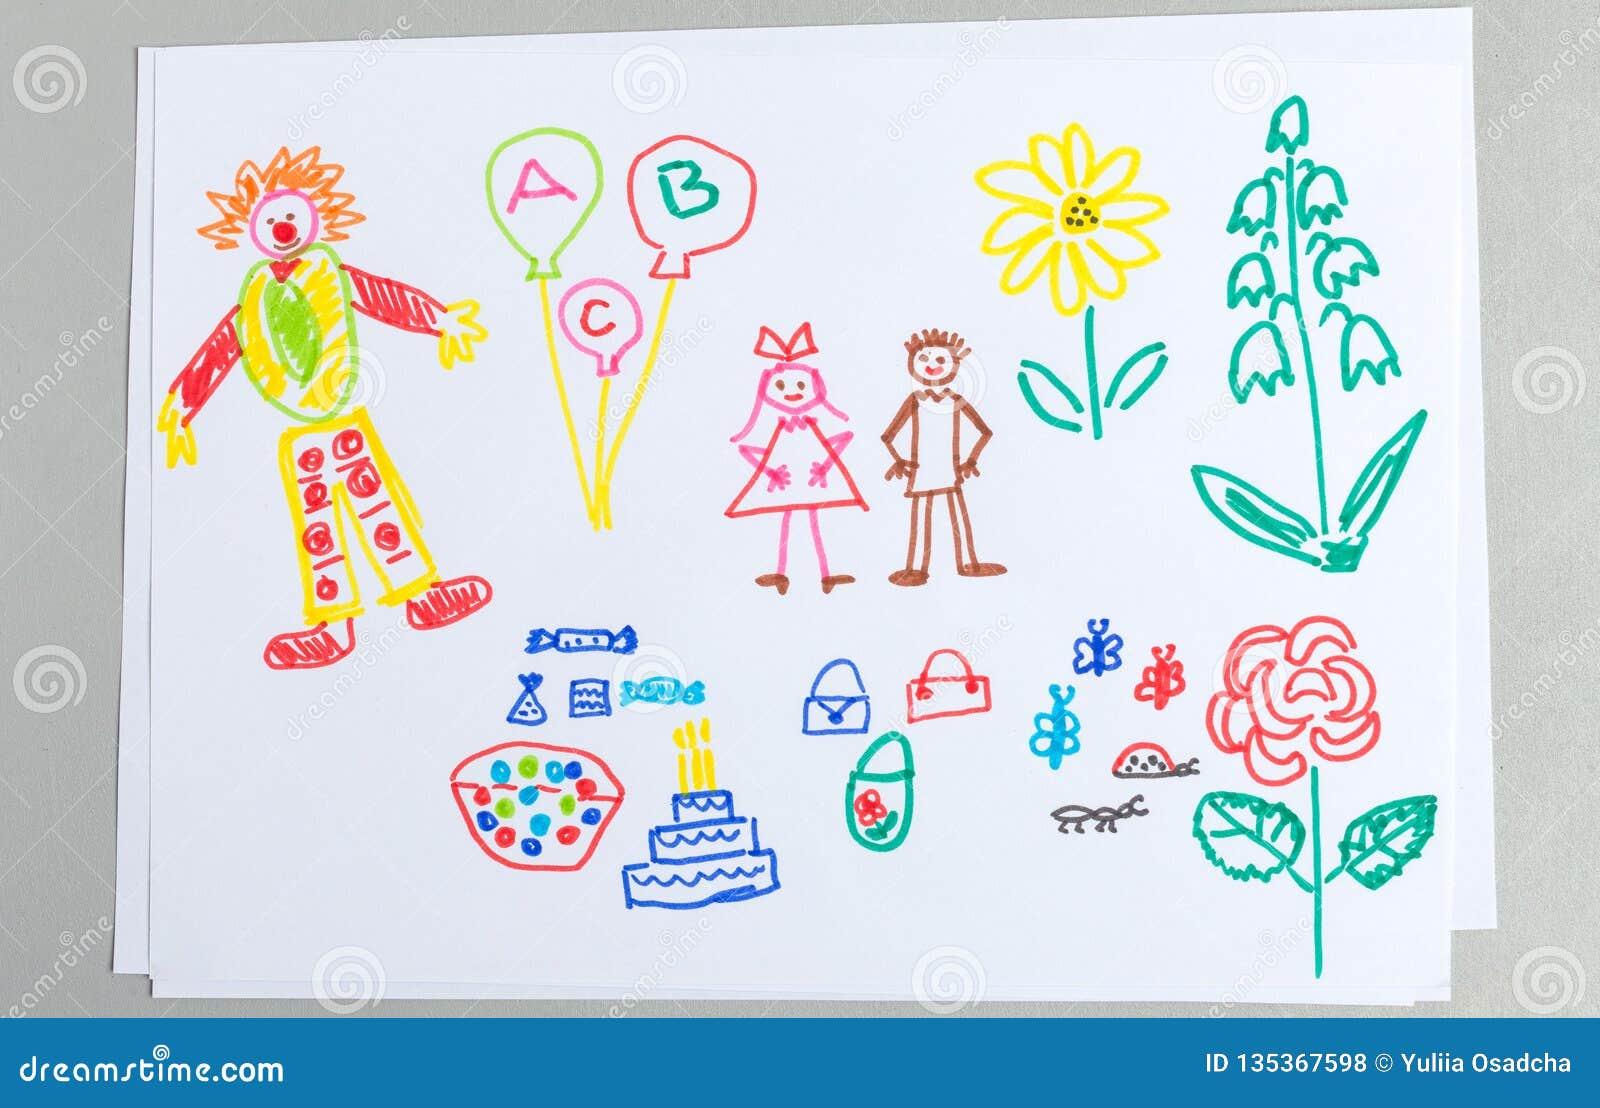 Σύνολο σχεδίων παιδιών στοιχείων γιορτών γενεθλίων που απομονώνονται στο άσπρο υπόβαθρο